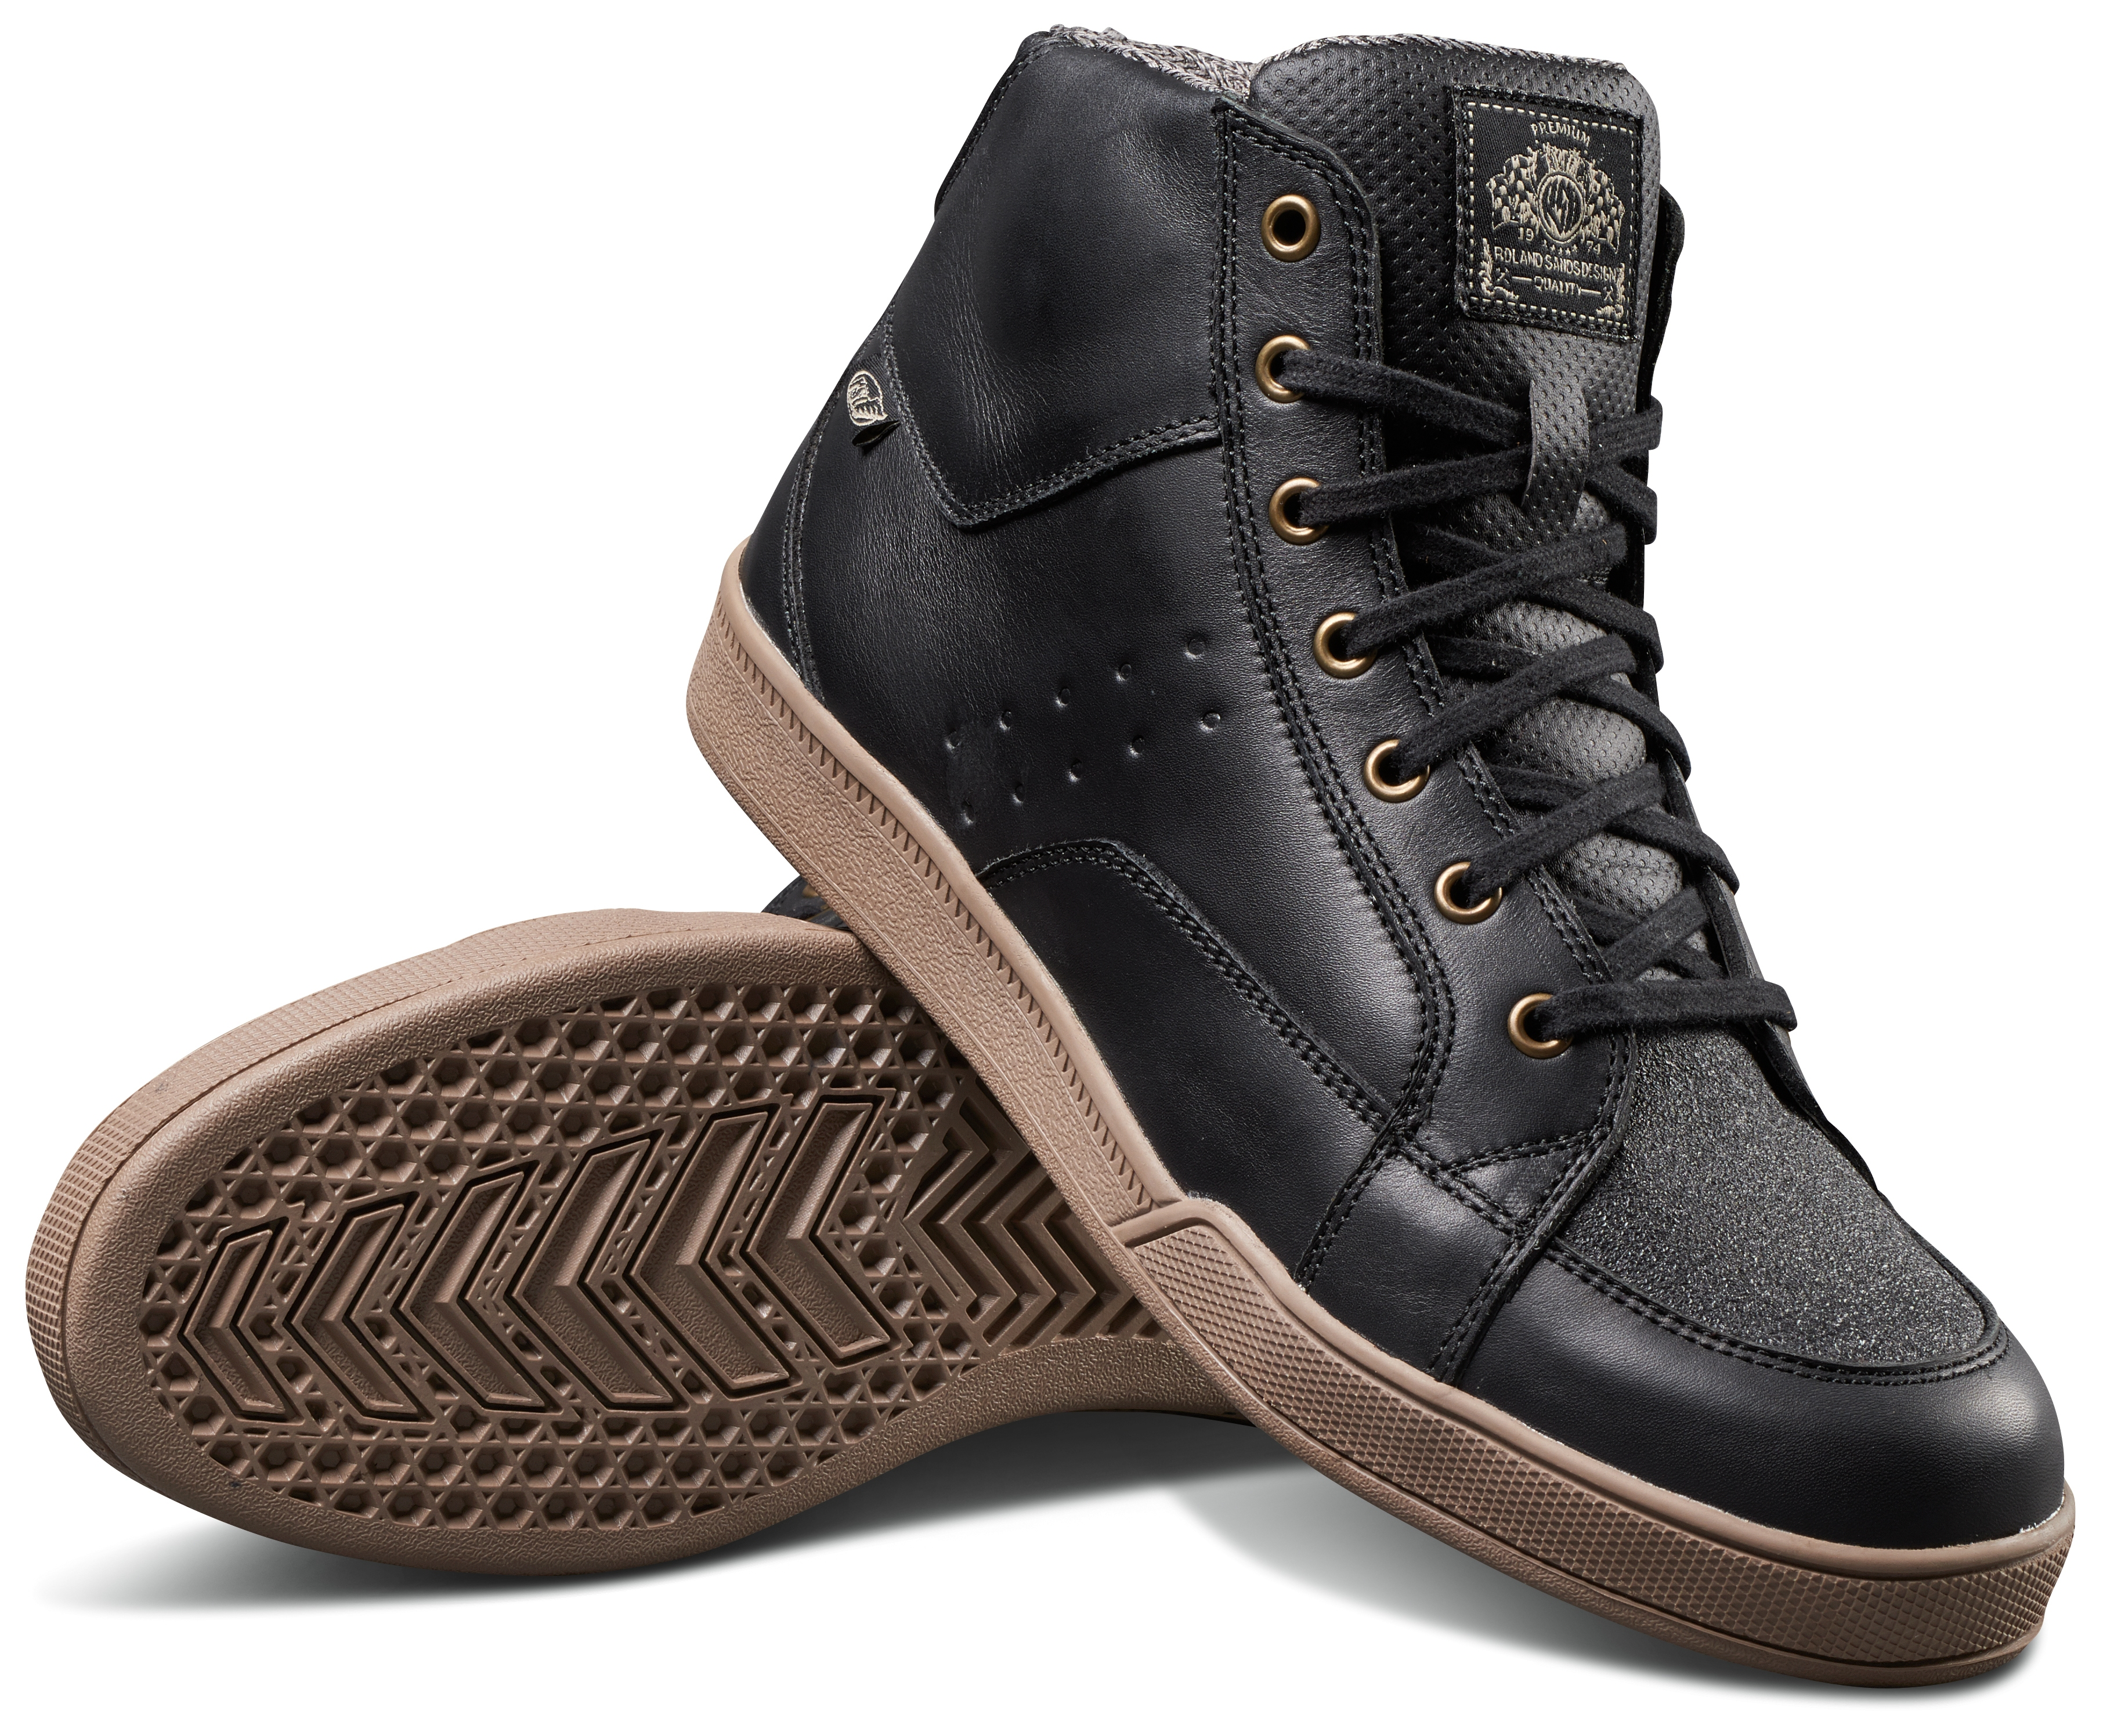 Roland Sands Fresno Shoes - RevZilla